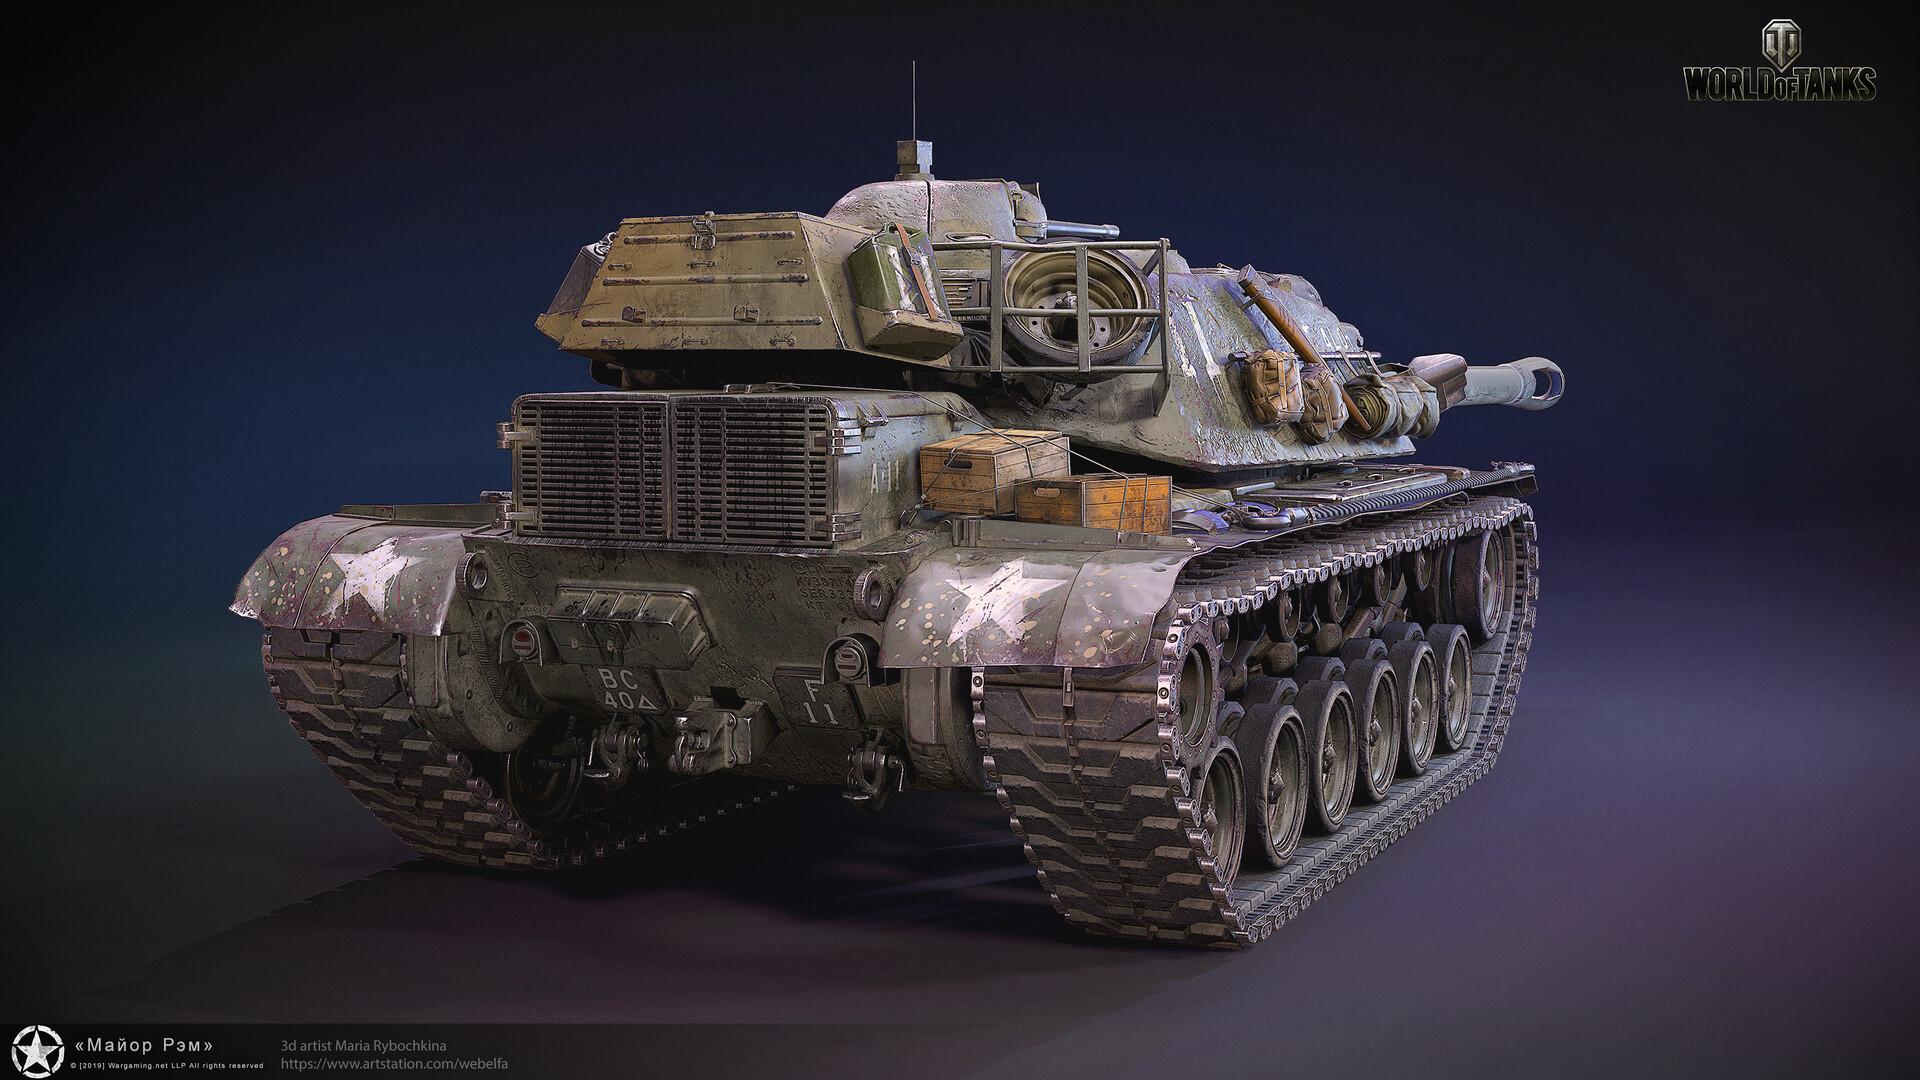 Maria-rybochkina-005-render-a83-3ds